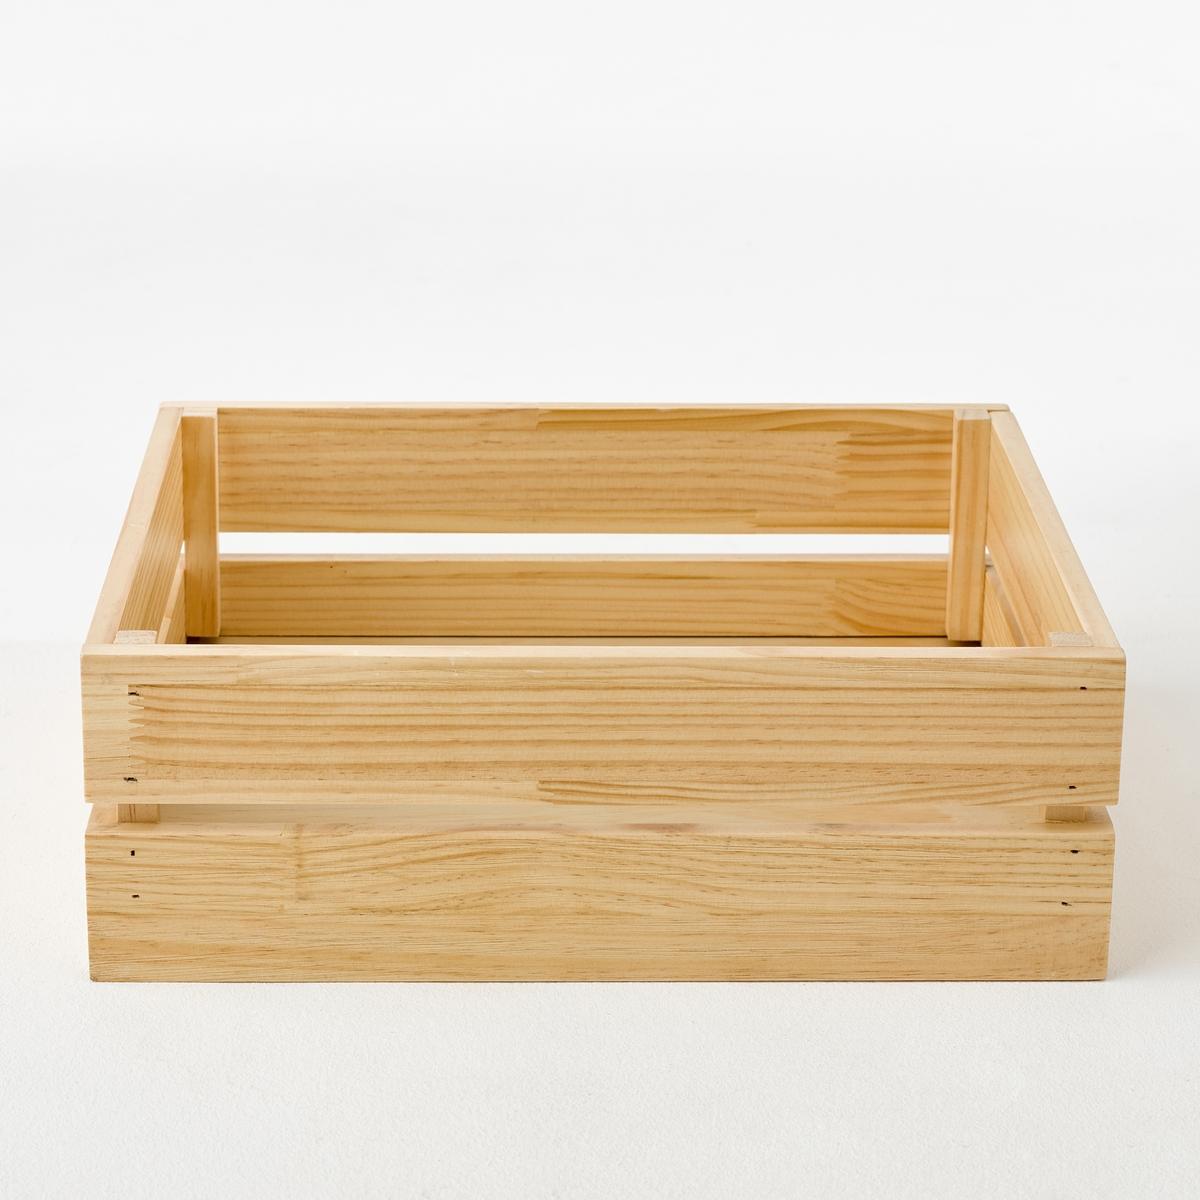 Ящик для вещей из сосны, HibaХарактеристики ящика для вещей из сосны, Hiba :Из дерева сосны, соединенной встык, с масляным покрытием .Дно из МДФ, толщина 9 мм .Найдите нашу коллекцию корзинок и ящиков для хранения вещей на сайте laredoute.ruРазмеры ящика для вещей, Hiba :- Ширина : 38,6 см Высота : 13,2 см Глубина : 33,6 см.Размеры и вес упаковки :1 упаковка41 x 7,5 x 38,5 см, 2,2 кг Доставка :Ящик для вещей Hiba продается готовым к сборке. Доставка до квартиры !Внимание   ! Убедитесь, что товар возможно доставить на дом, учитывая его габариты (проходит в двери, по лестницам, в лифты).<br><br>Цвет: серо-бежевый<br>Размер: единый размер